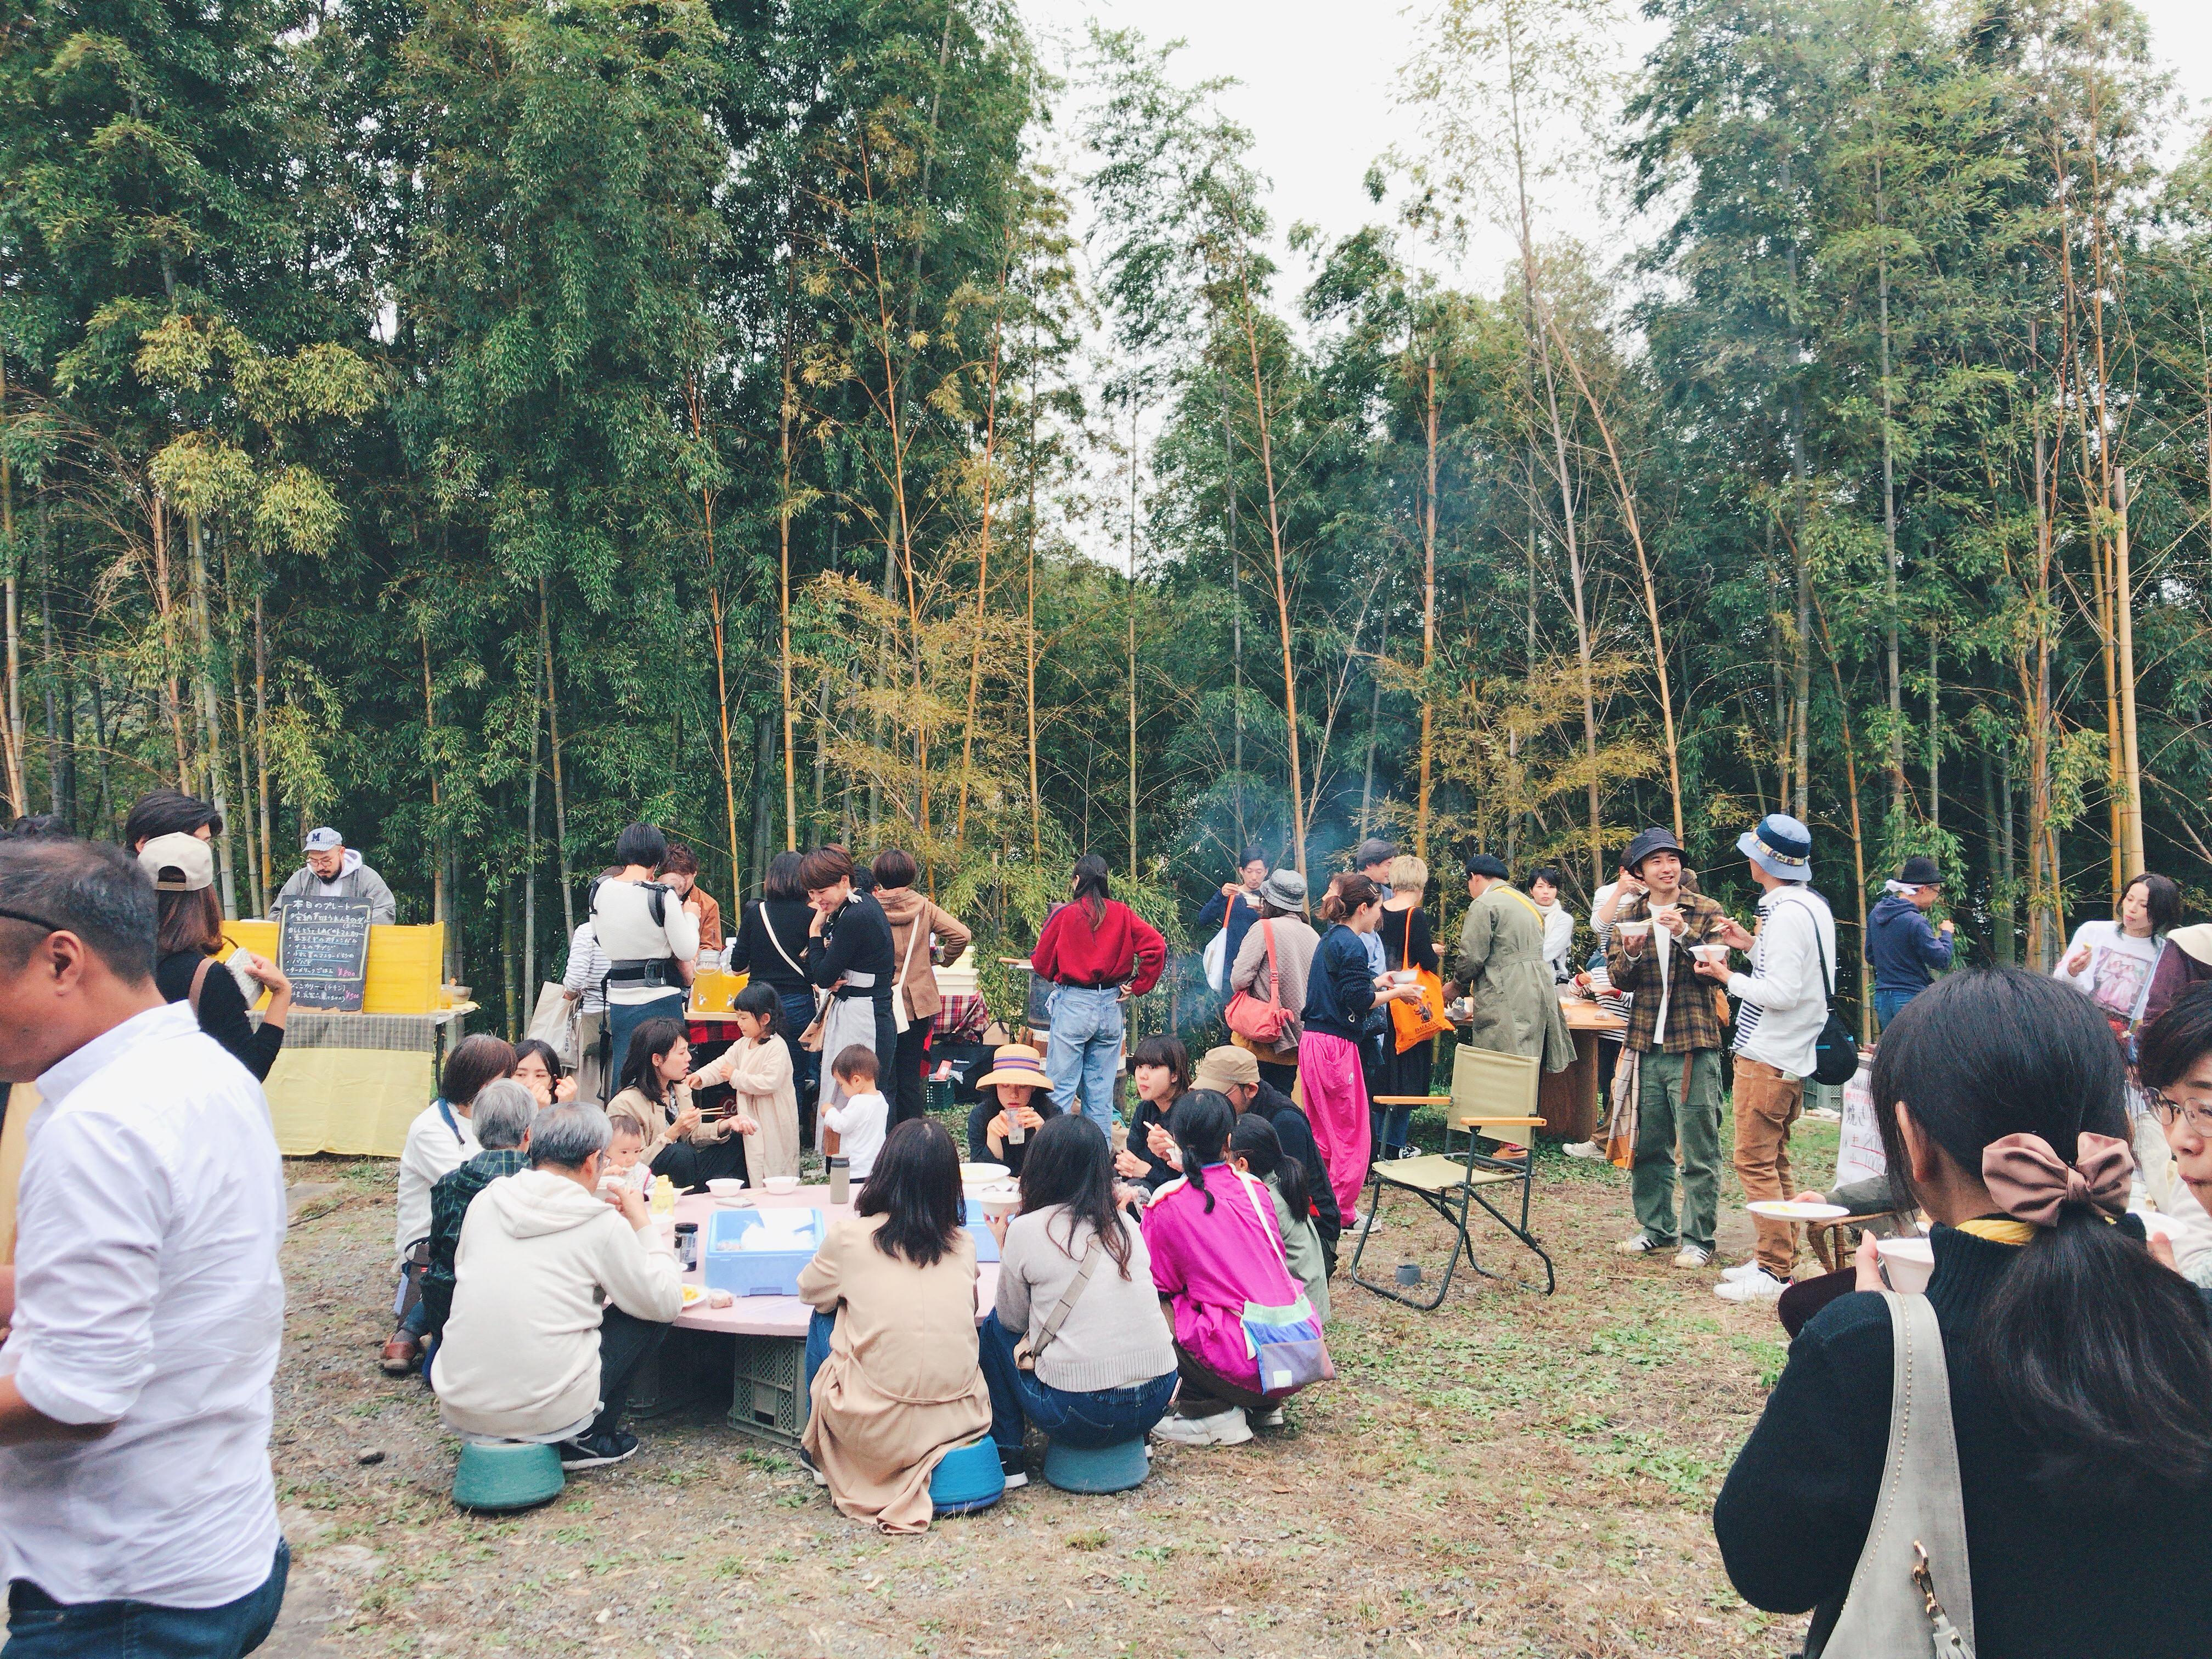 毎年11月に開く「収穫フェス」には、たくさんの人が集まり、綿花の収穫やライブ、ワークショップなどを楽しむ。